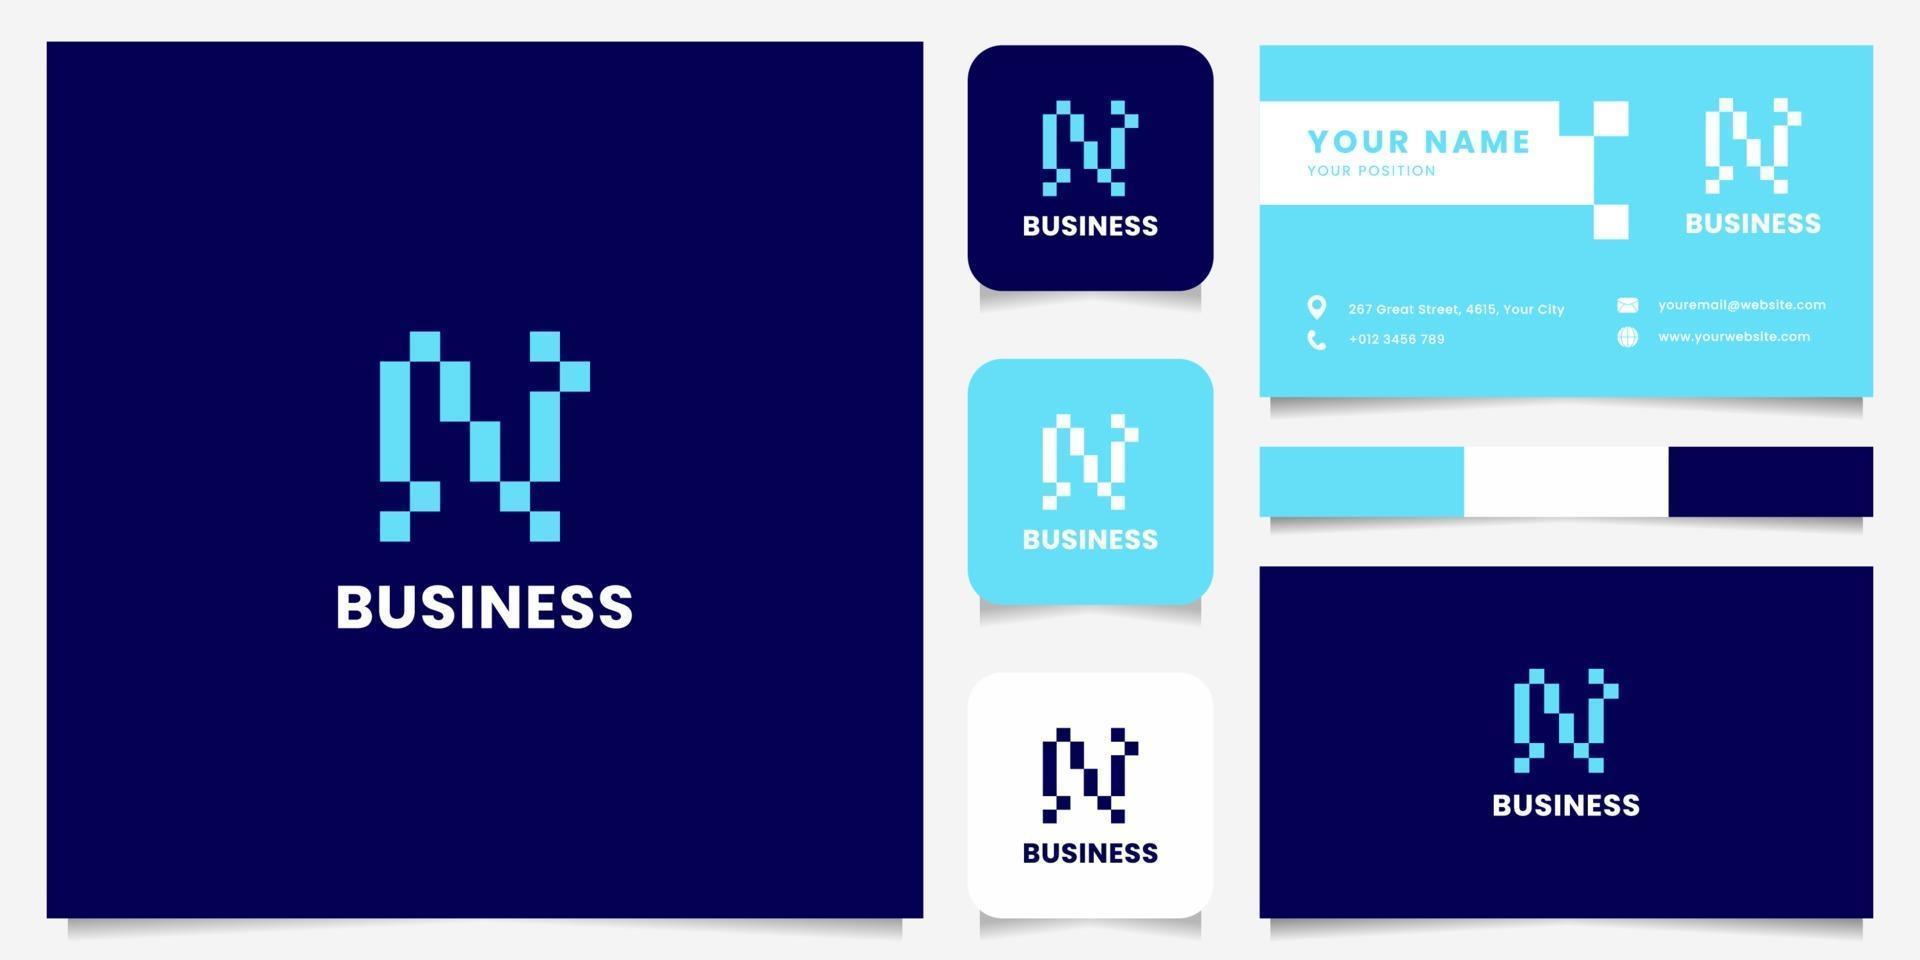 enkel och minimalistisk blå pixelbokstav n-logotyp med visitkortsmall vektor